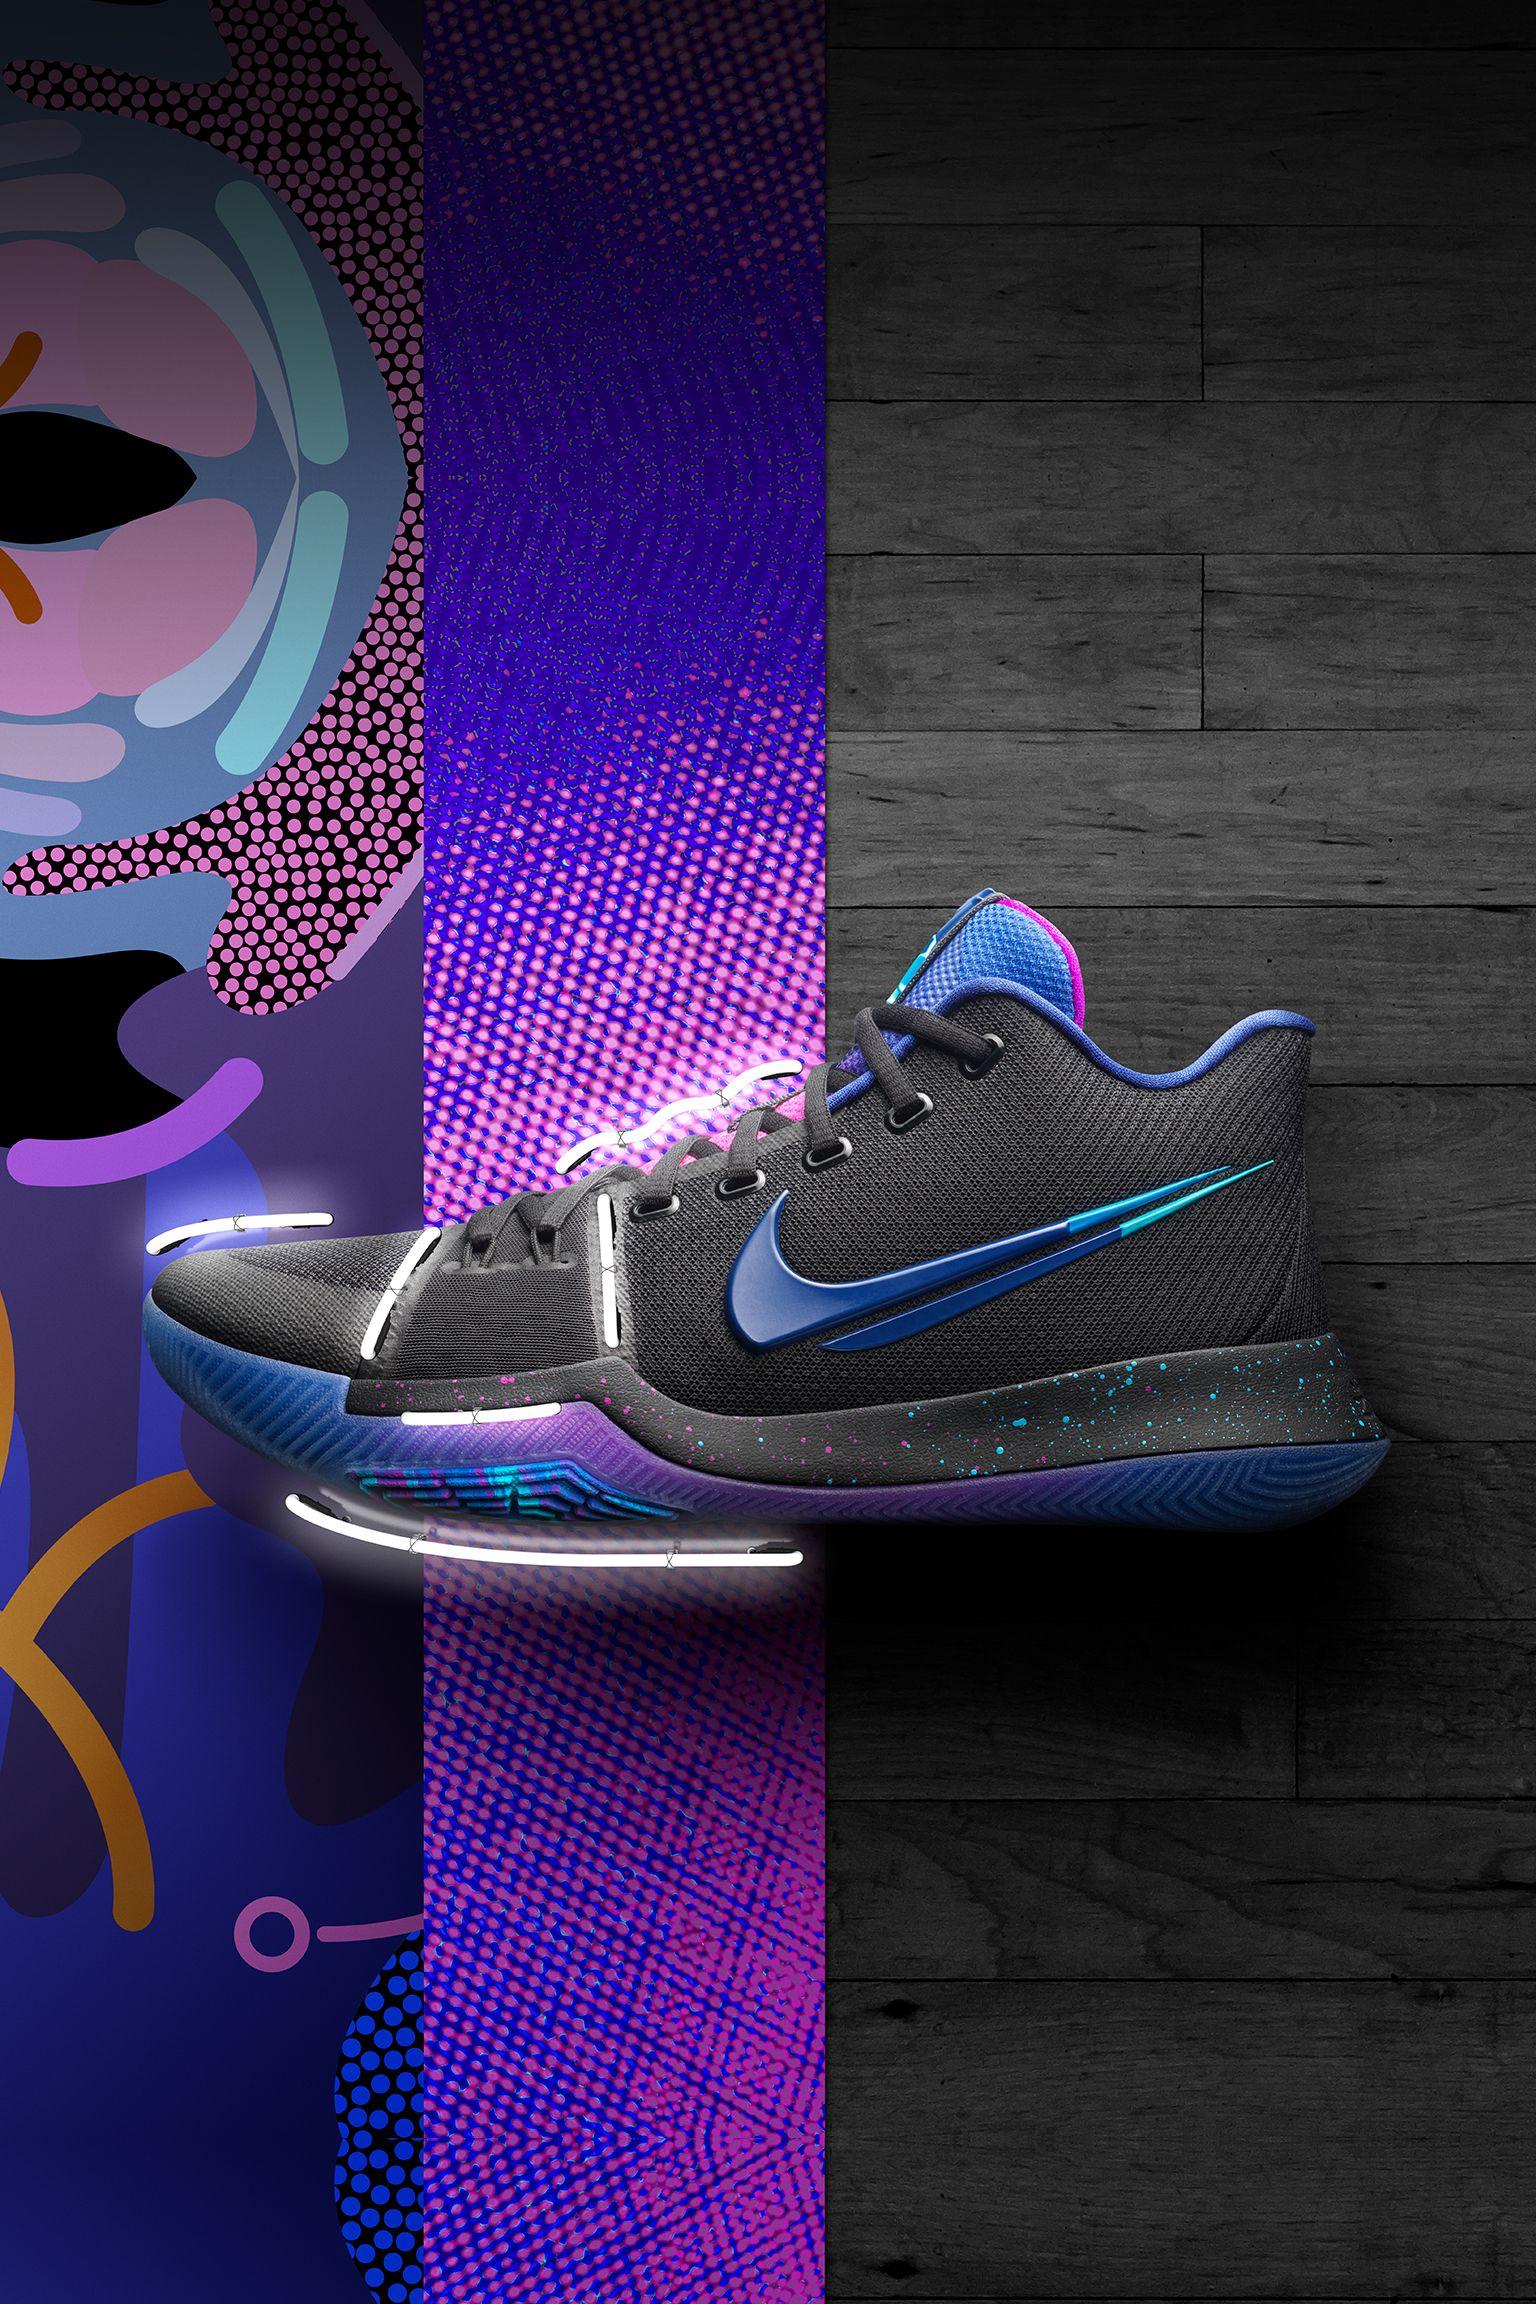 Nike Kyrie 3 'Flip The Switch'